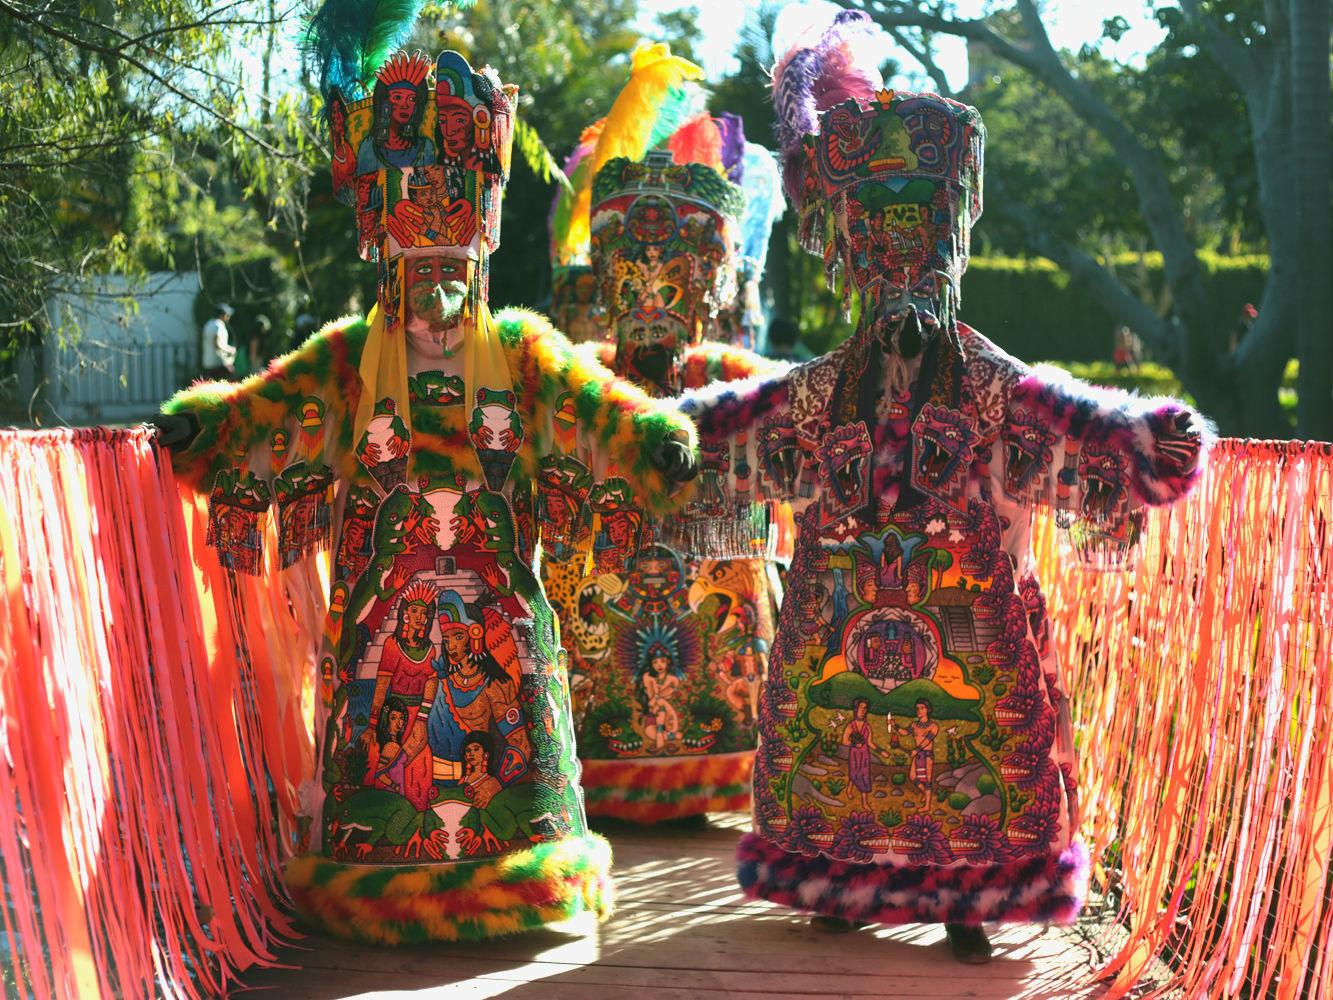 Fin de semana perfecto en Morelos para disfrutar con tus amigos